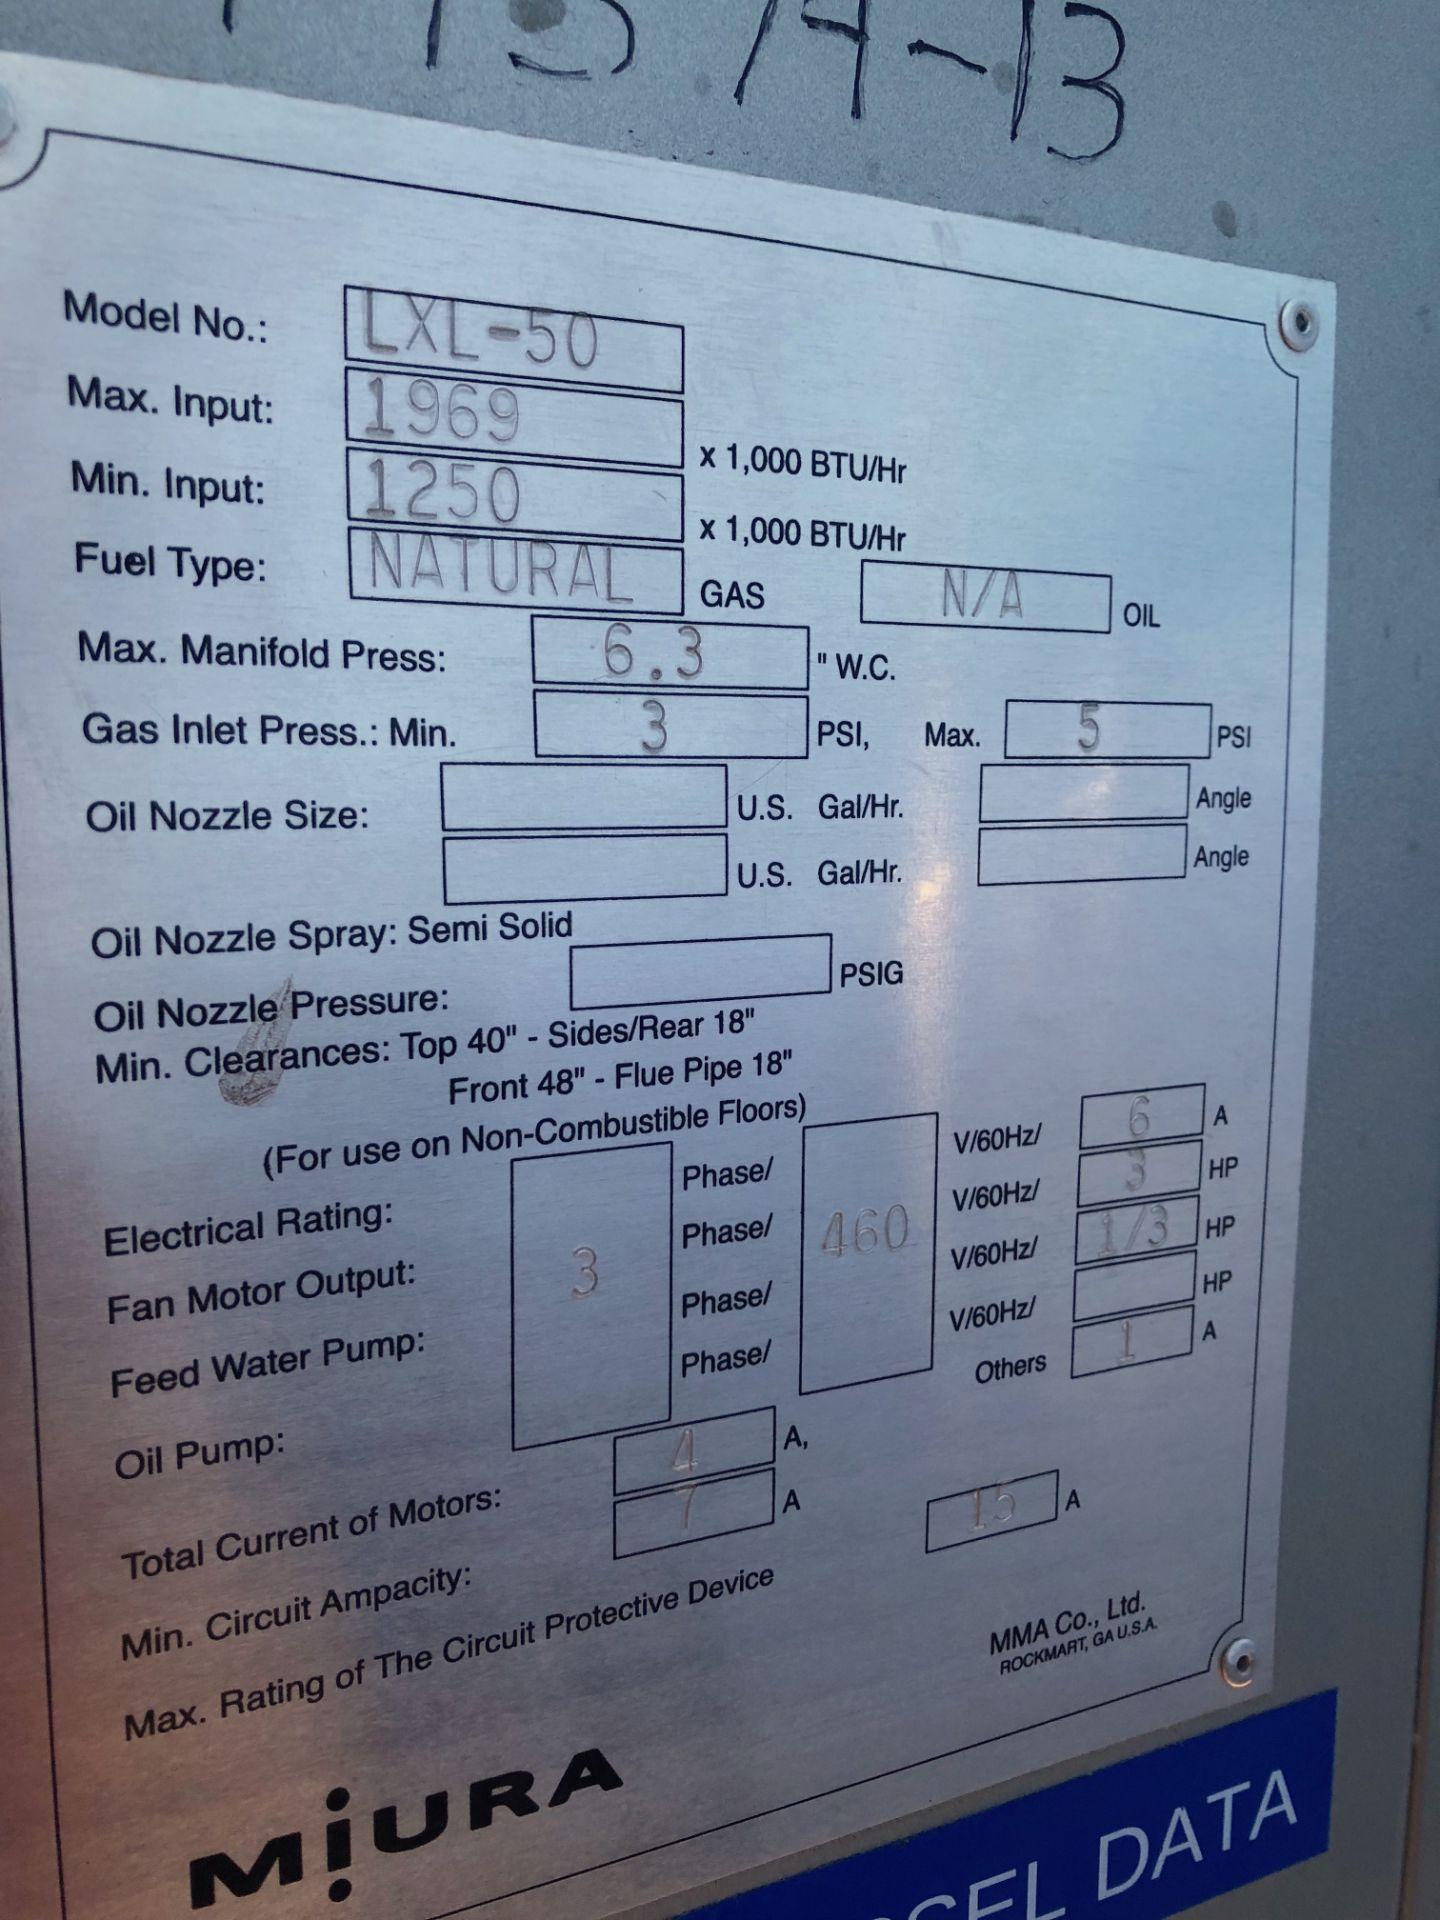 Lot 11 - Miura LXL-50 Low Pressure Steam Boiler